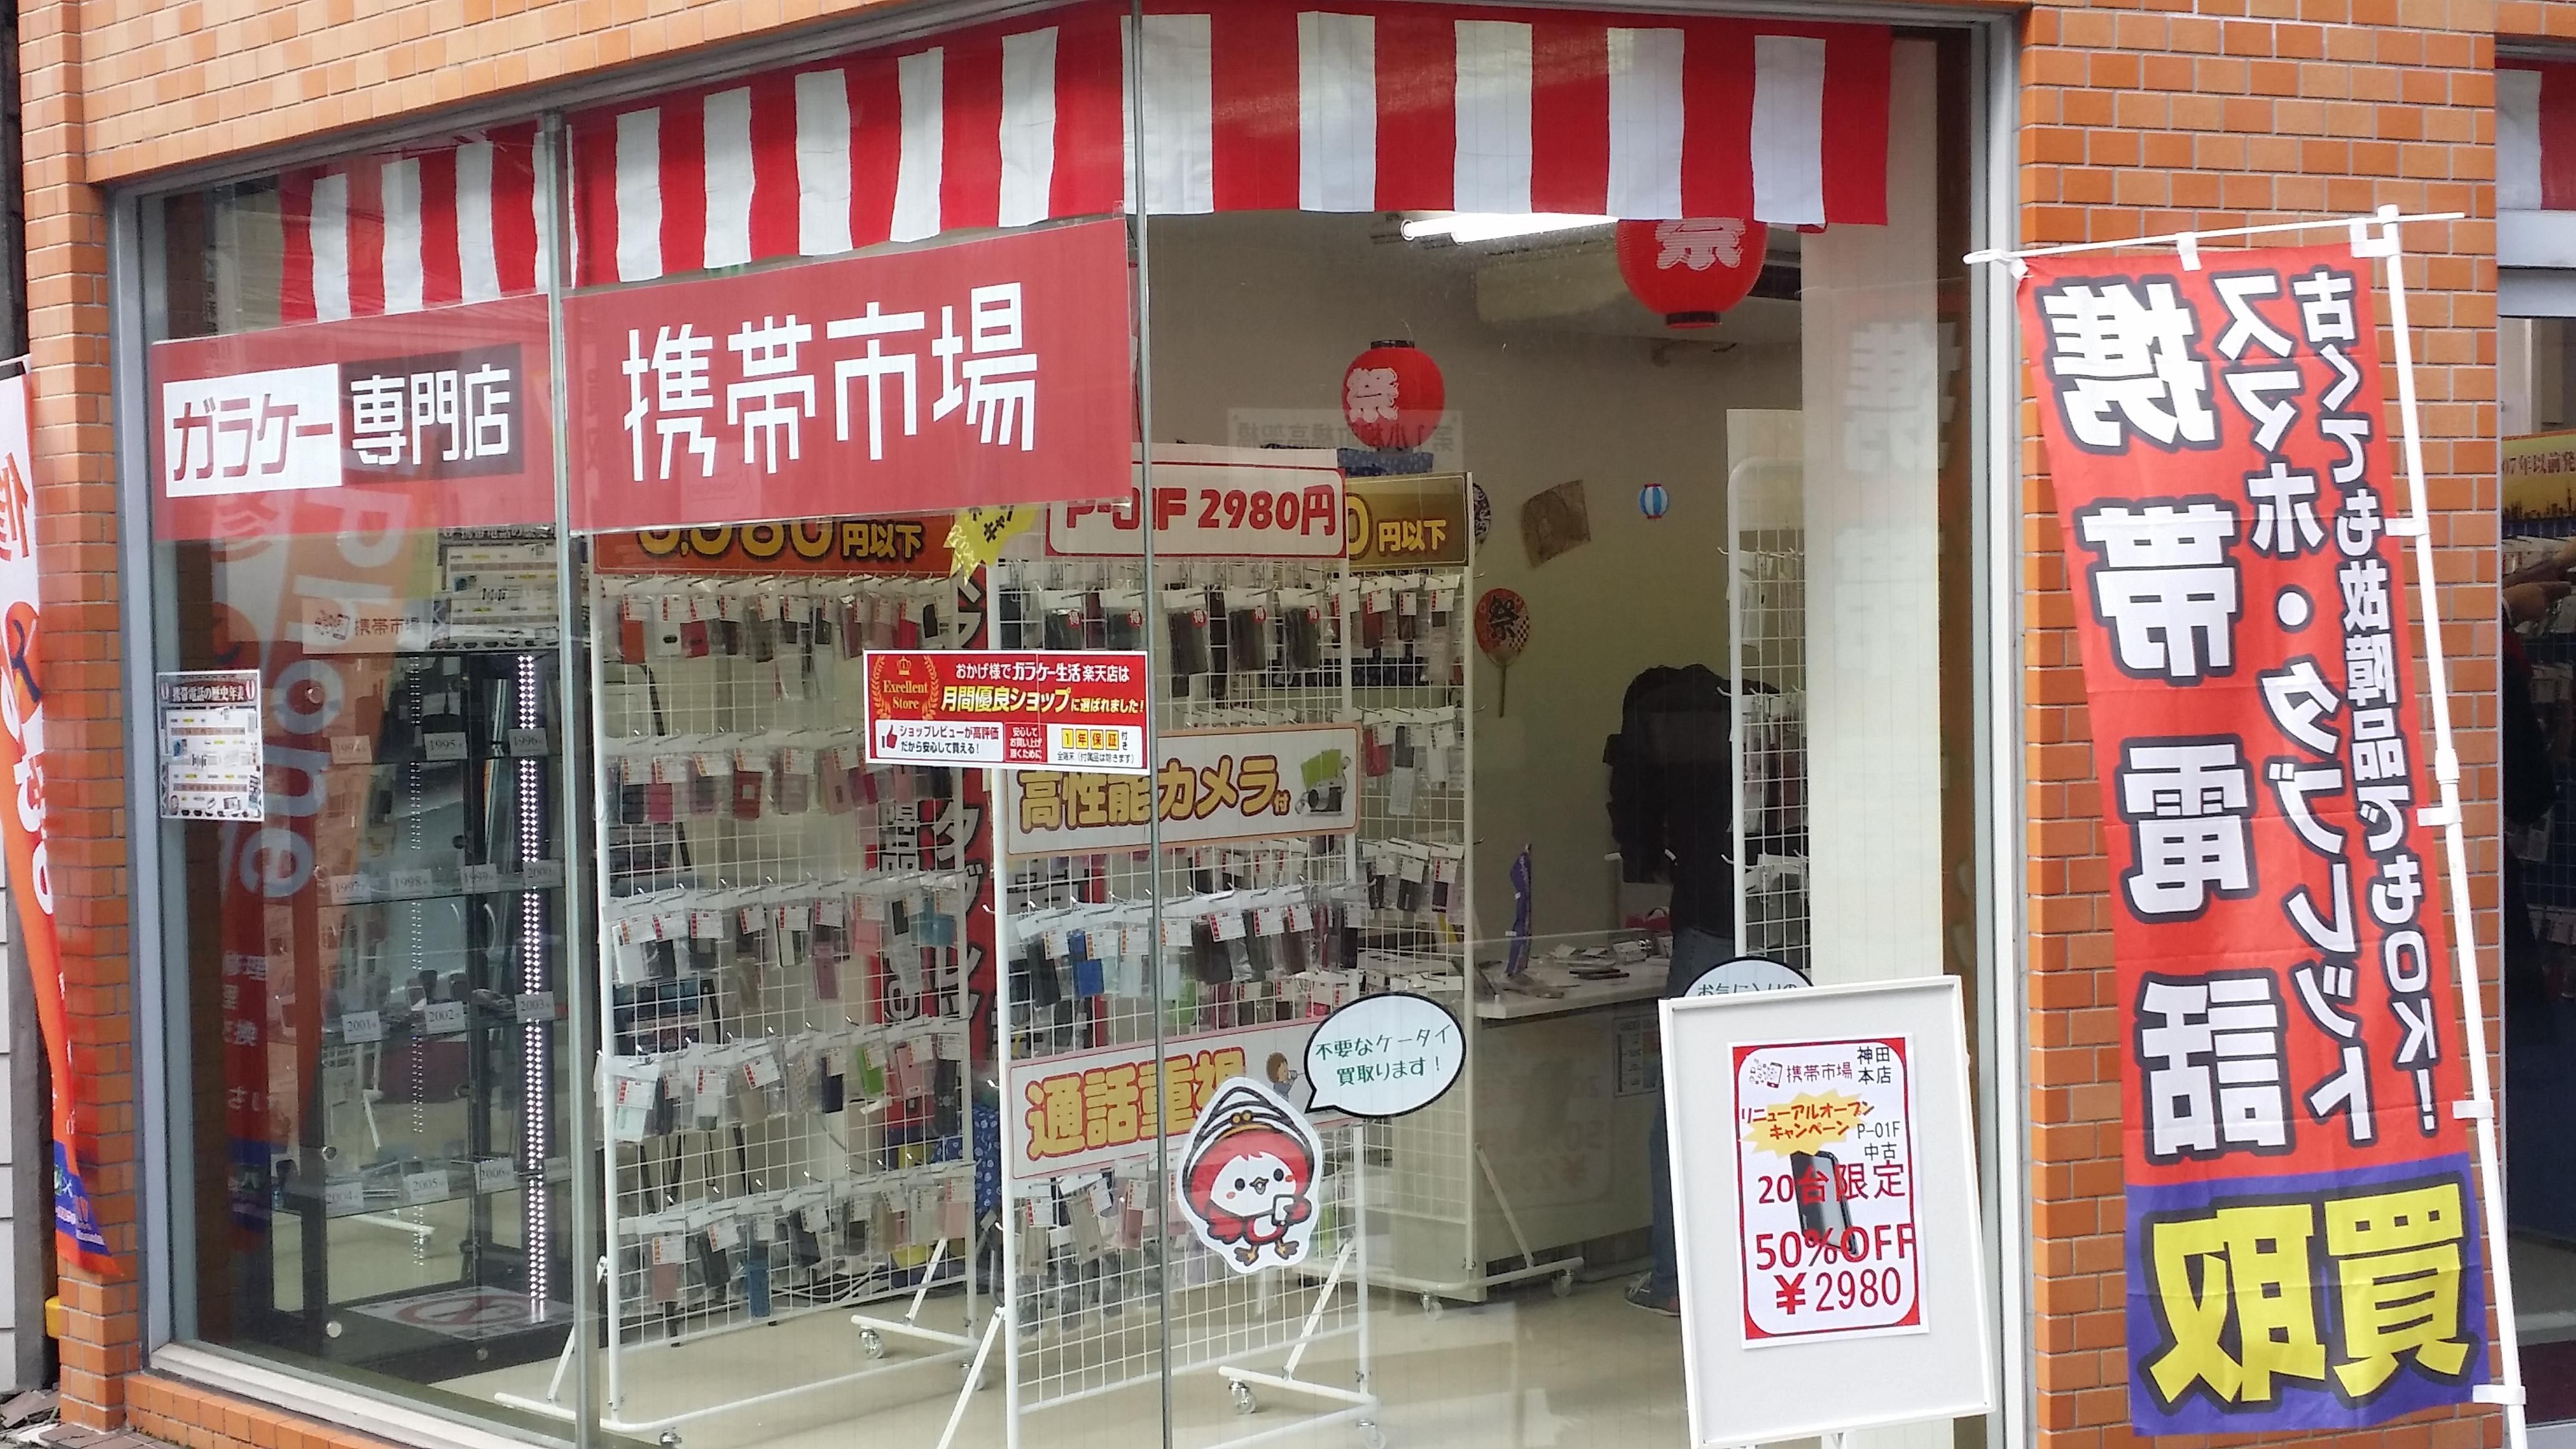 携帯市場神田店